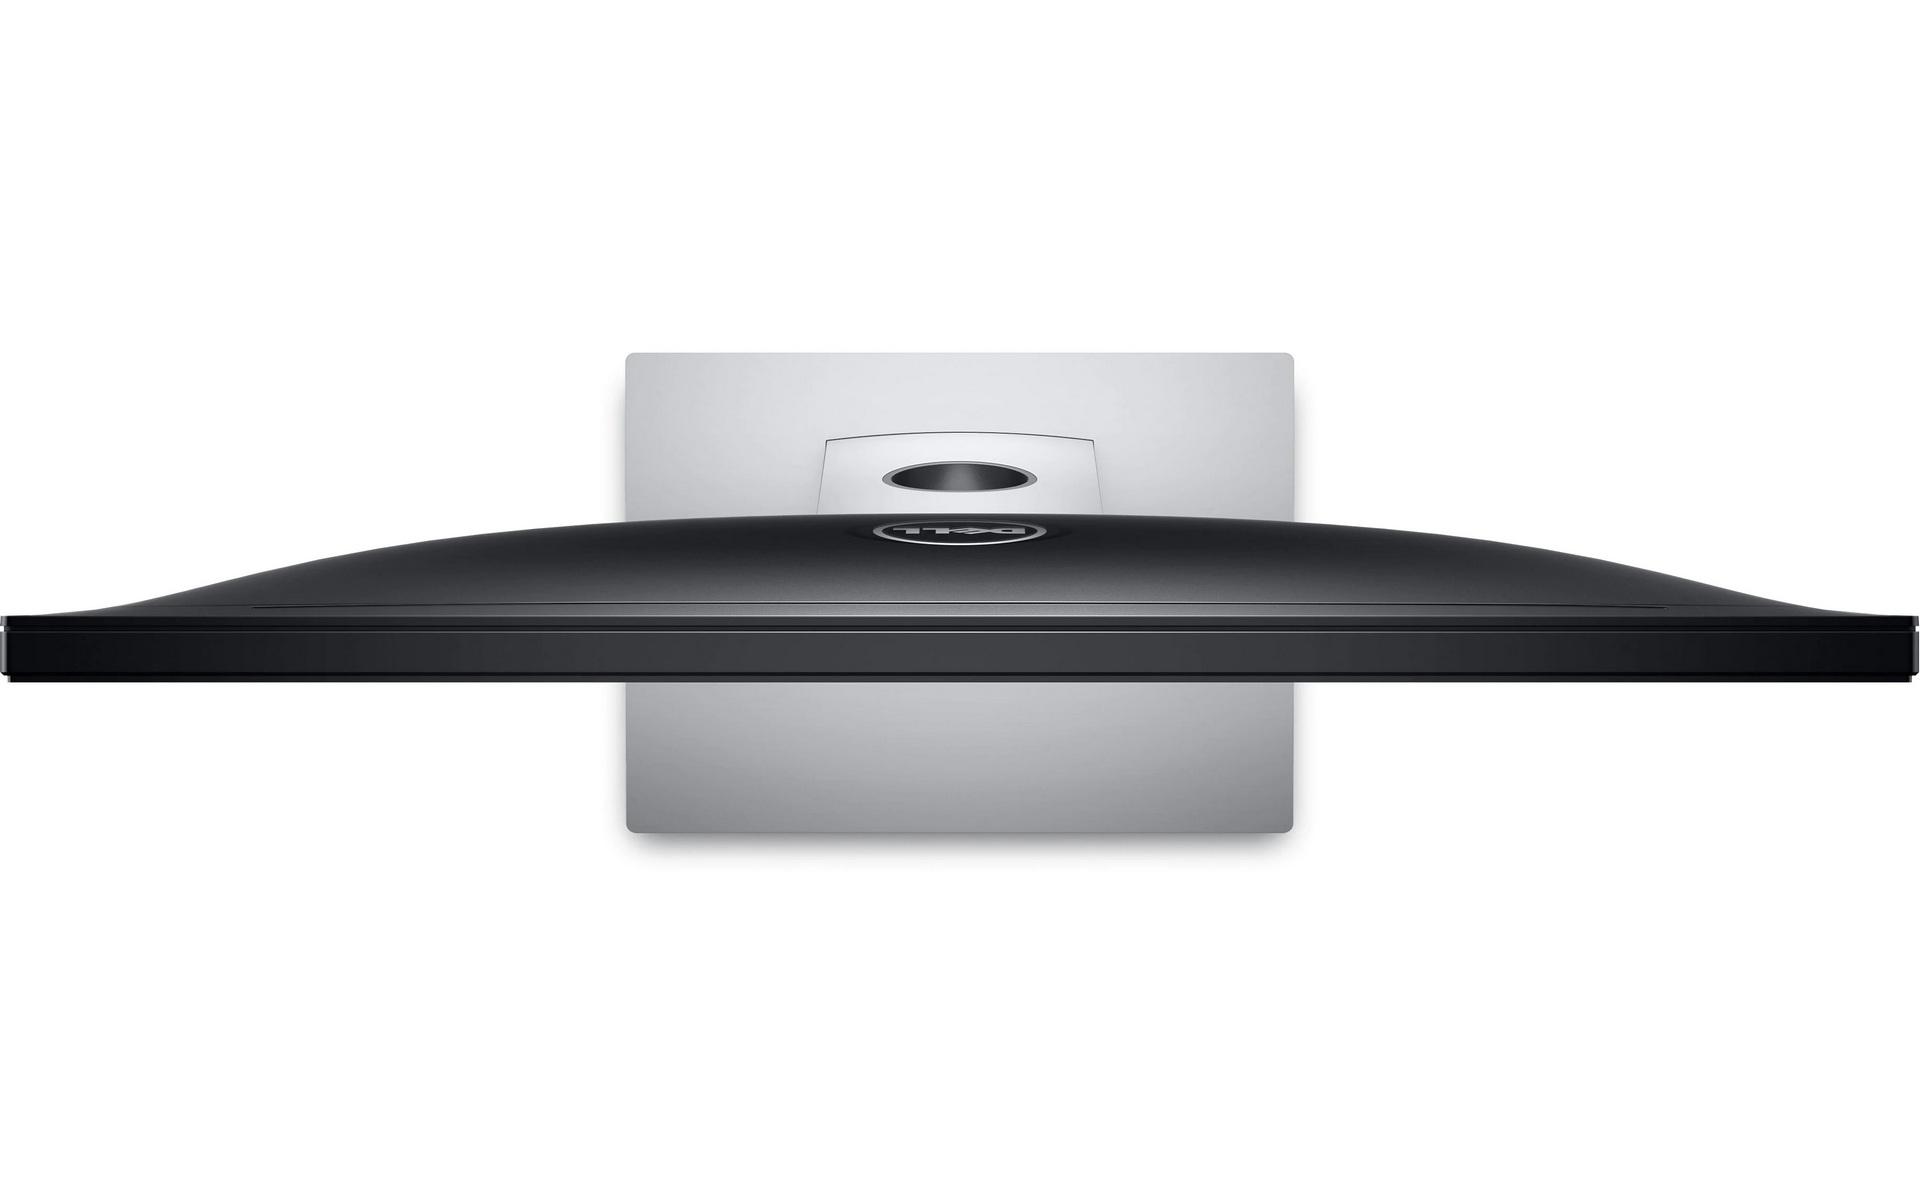 Dell SE2417HGX Thiết kế vượt thời gian